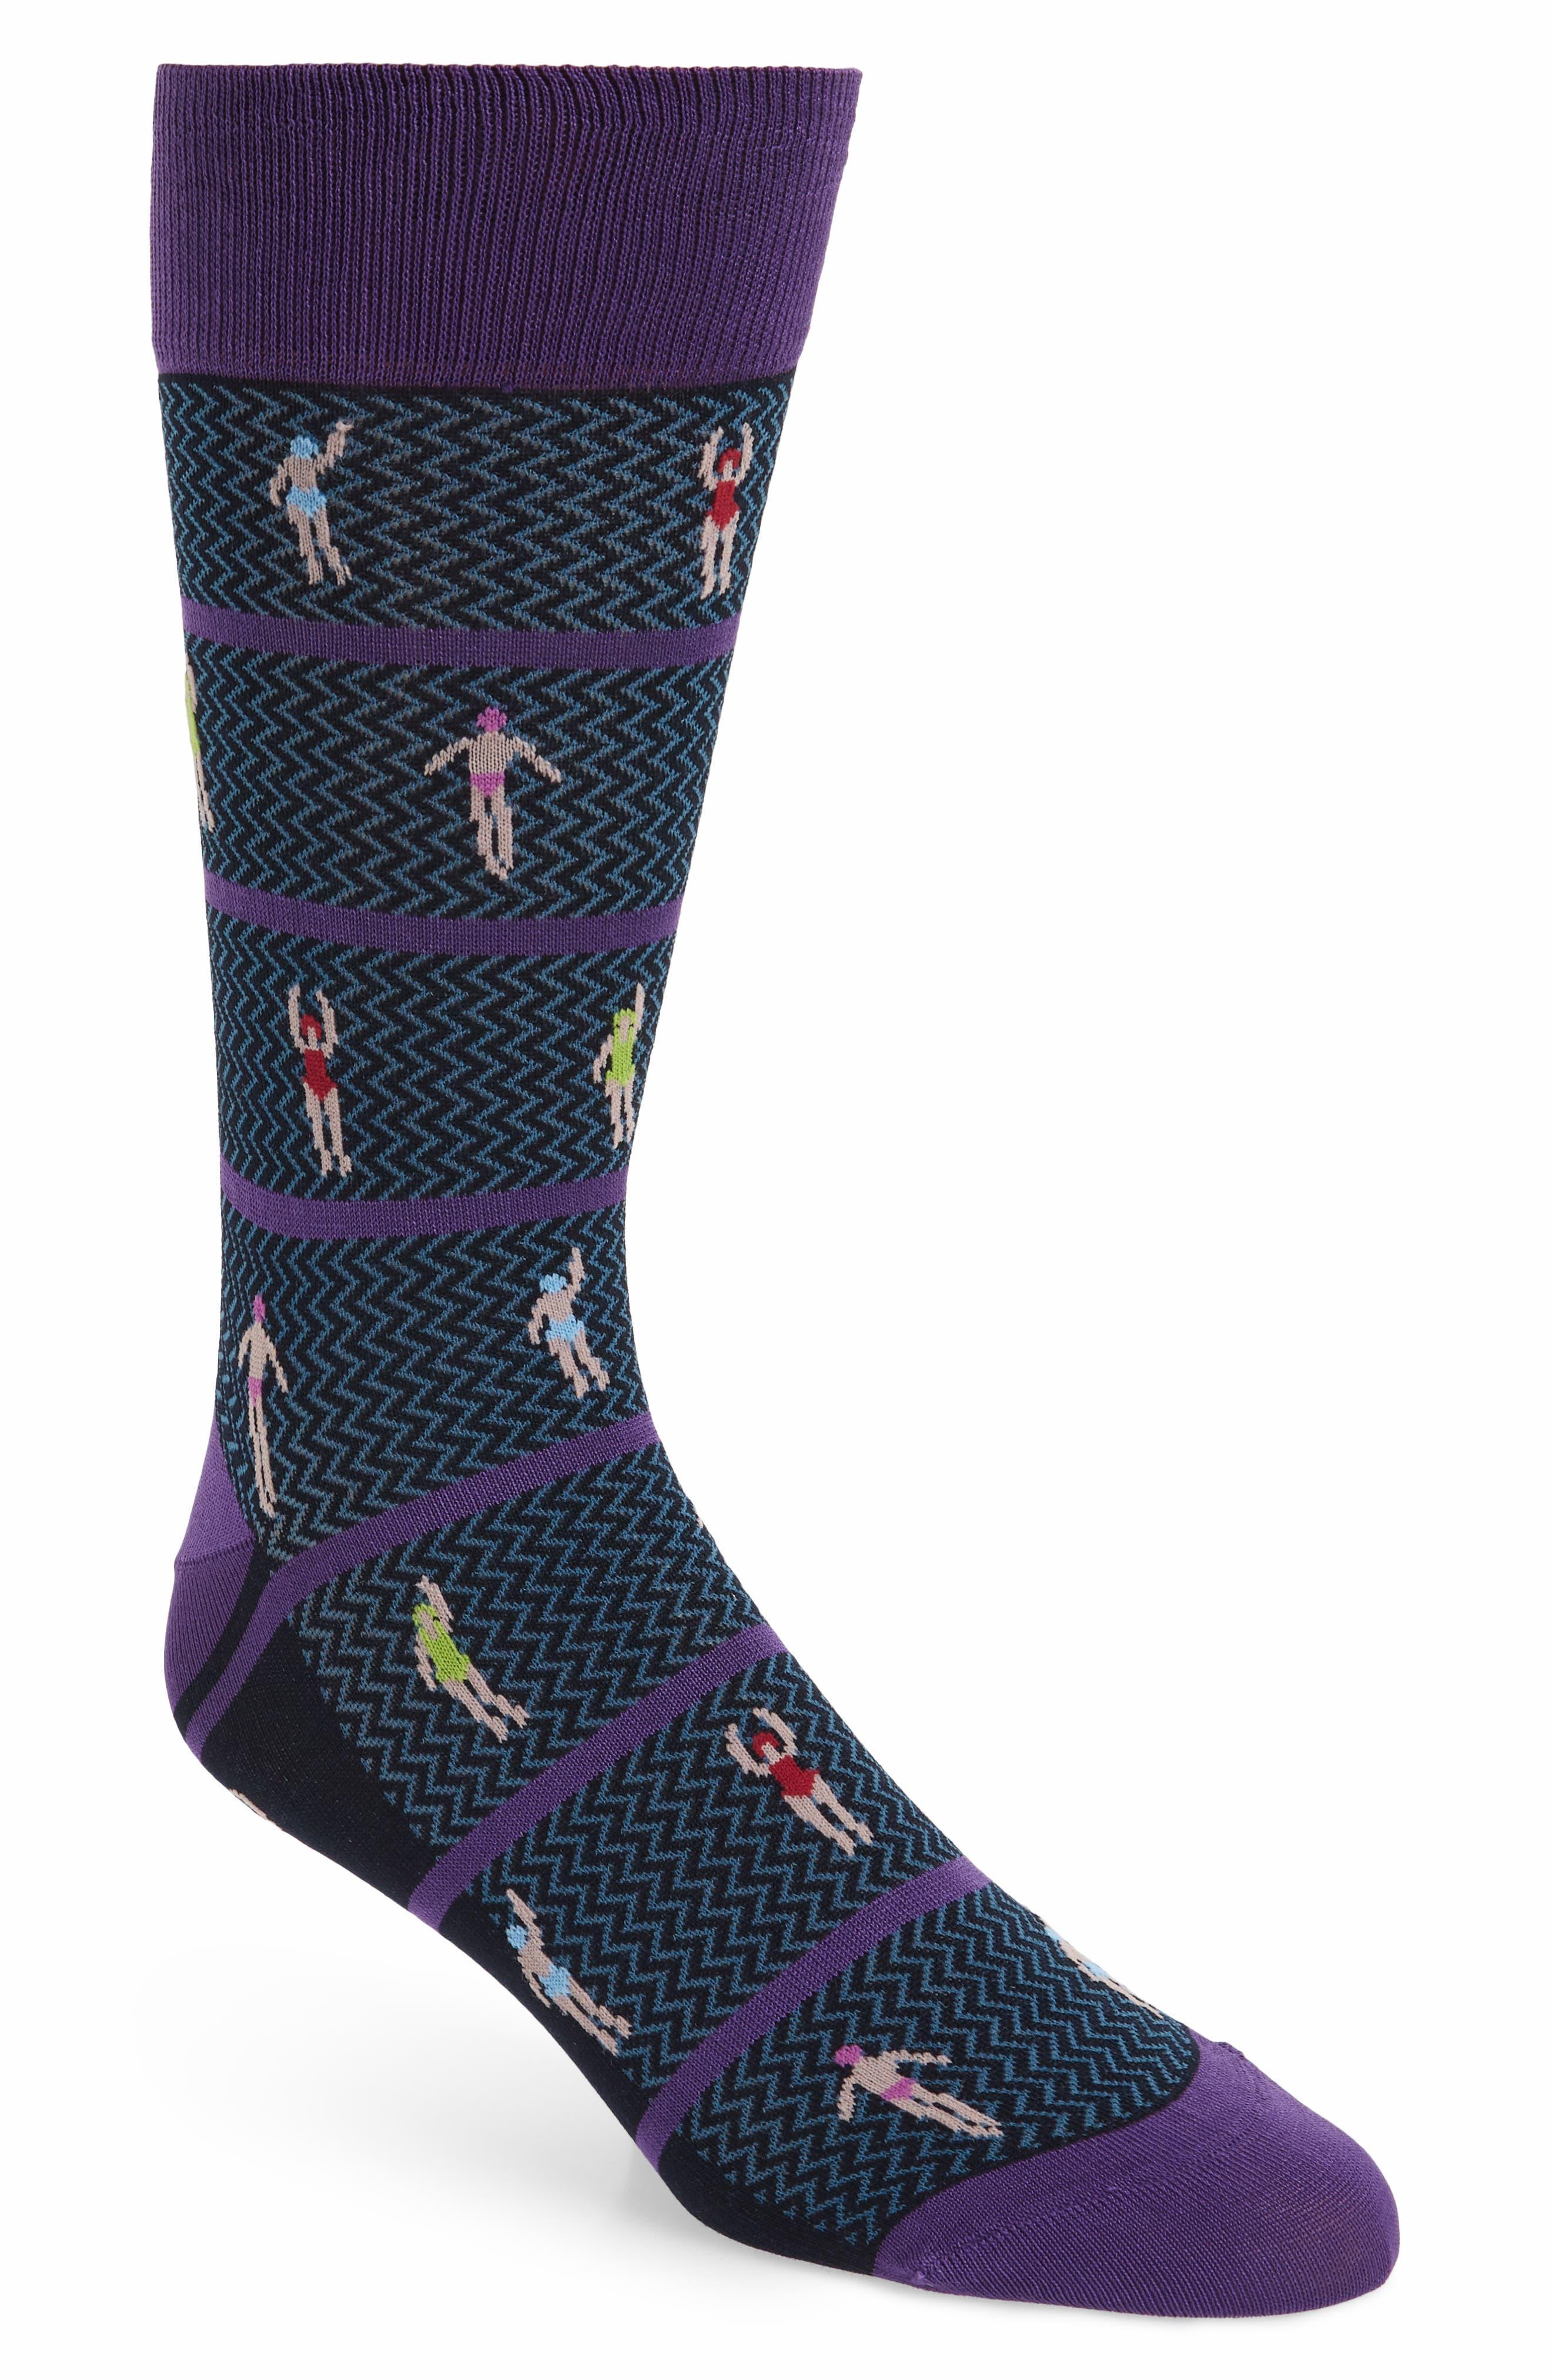 Cotton Blend Socks,                         Main,                         color, Grape